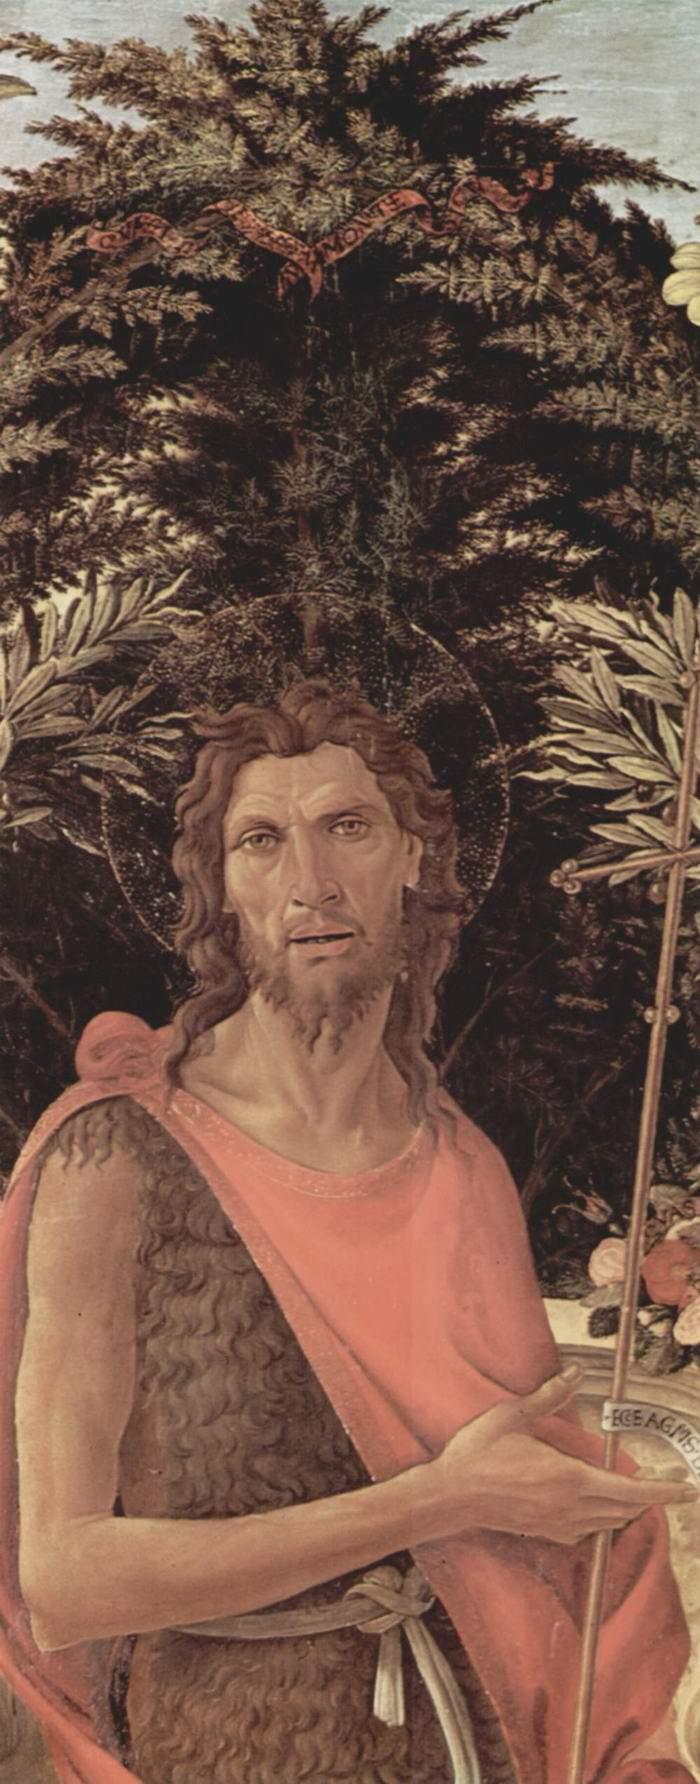 Алтарь Барди, Мадонна на троне, Иоанн Креститель и Иоанн Евангелист. Деталь  Иоанн Креститель, Сандро Боттичелли